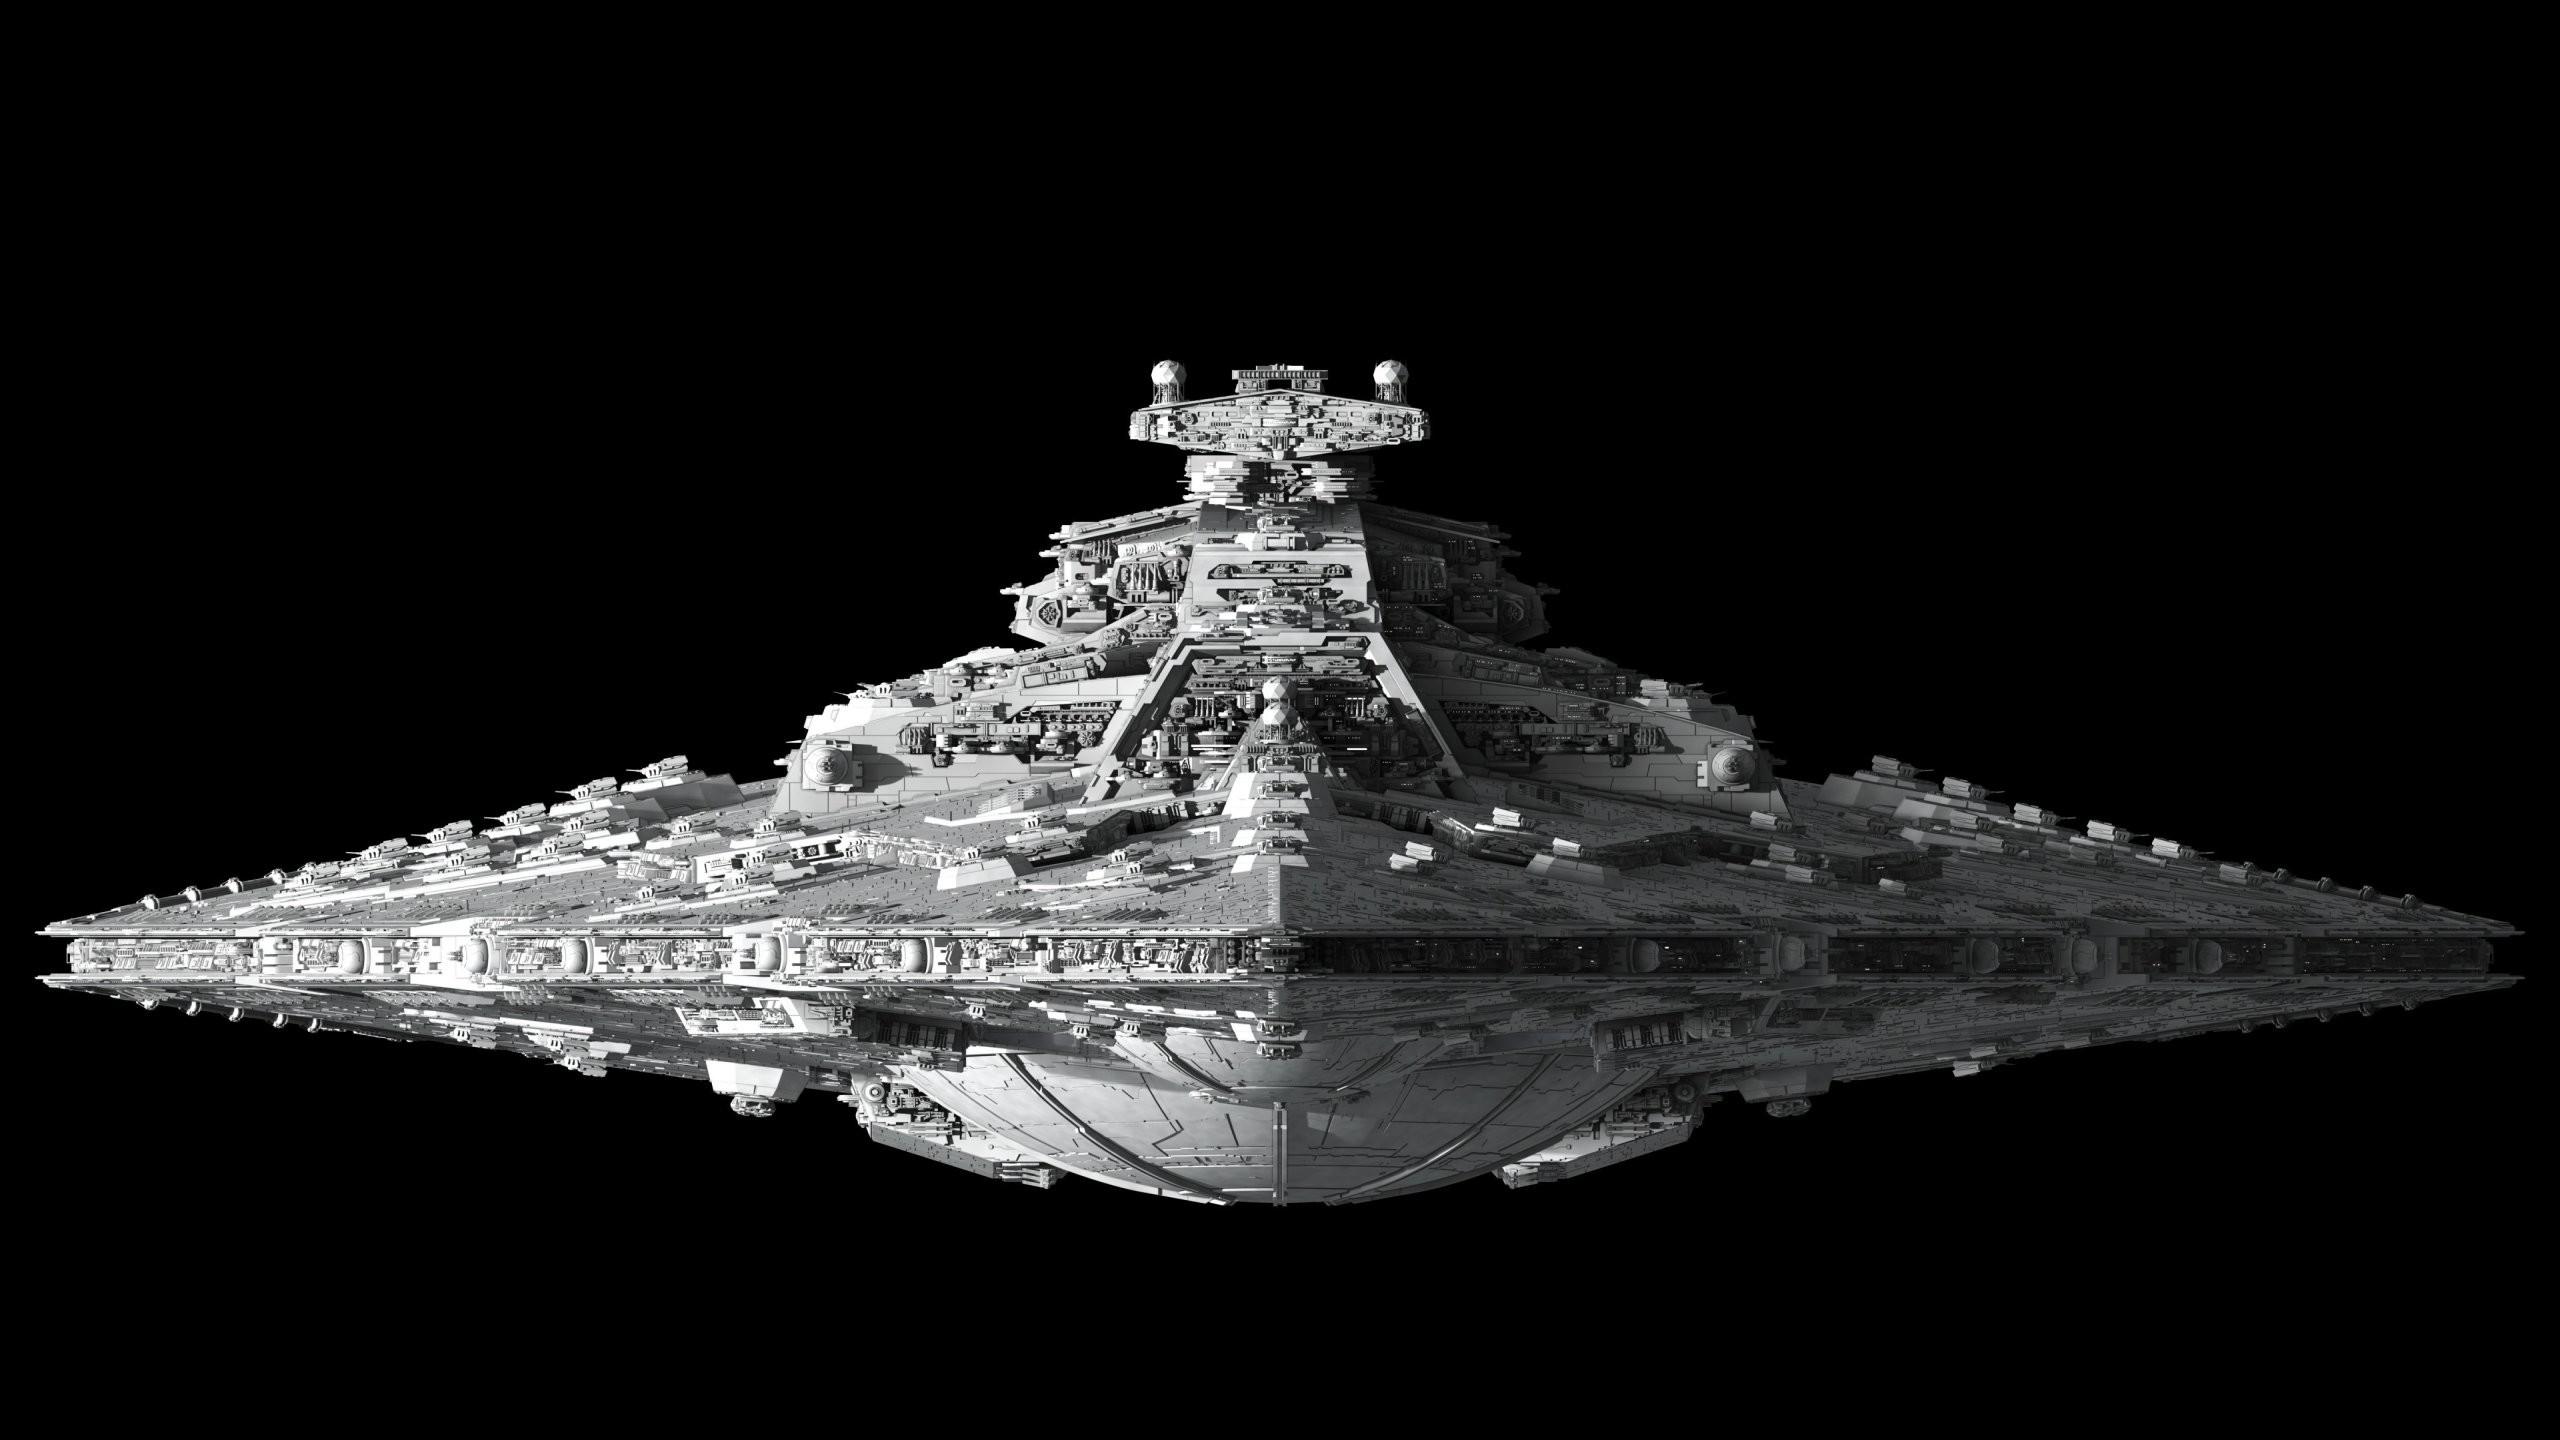 Star Wars HD Wallpapers 1920×1080 – WallpaperSafari